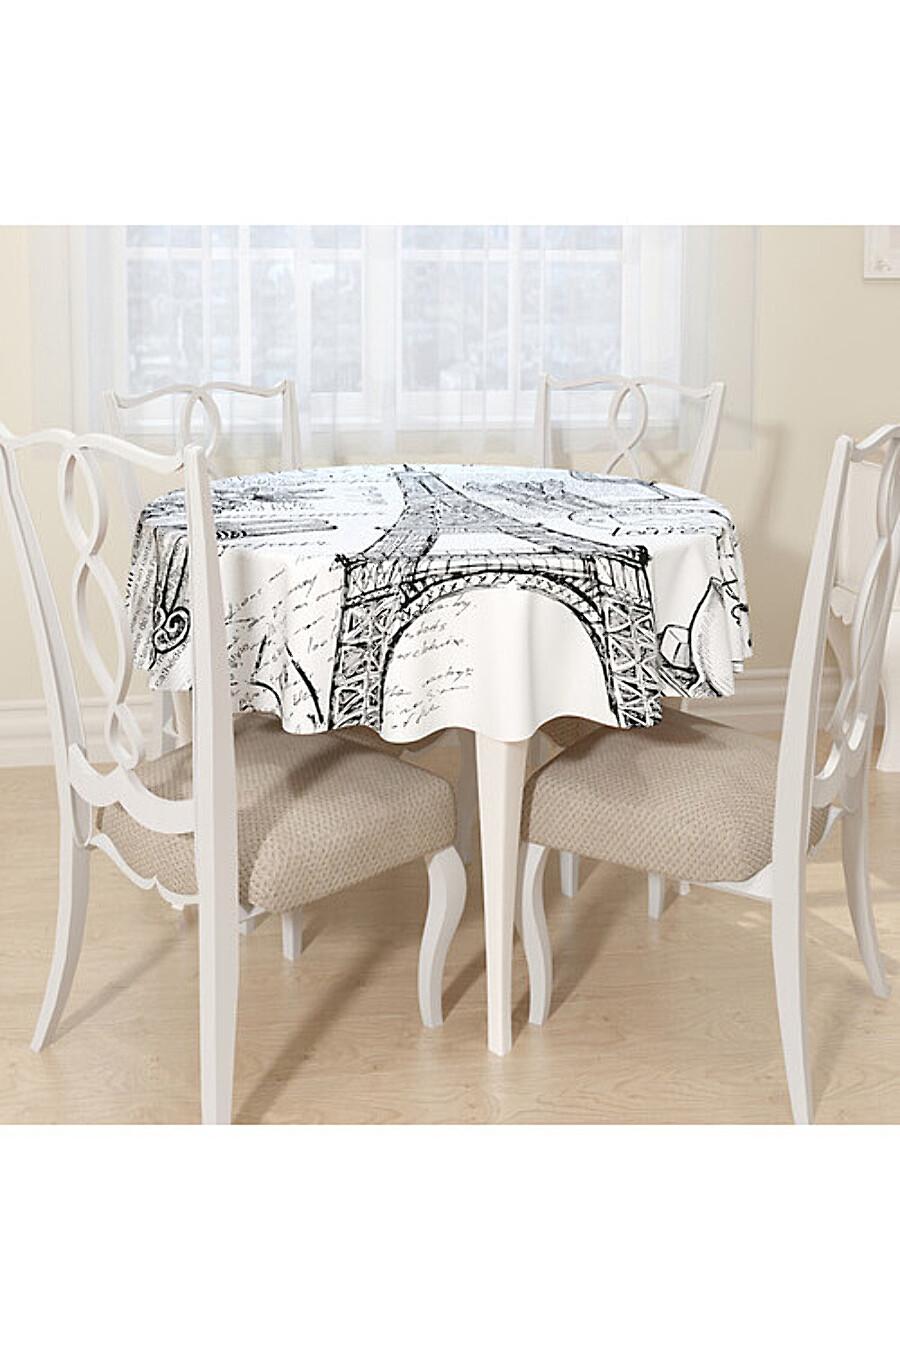 Скатерть для дома ART HOME TEXTILE 180492 купить оптом от производителя. Совместная покупка товаров для дома в OptMoyo